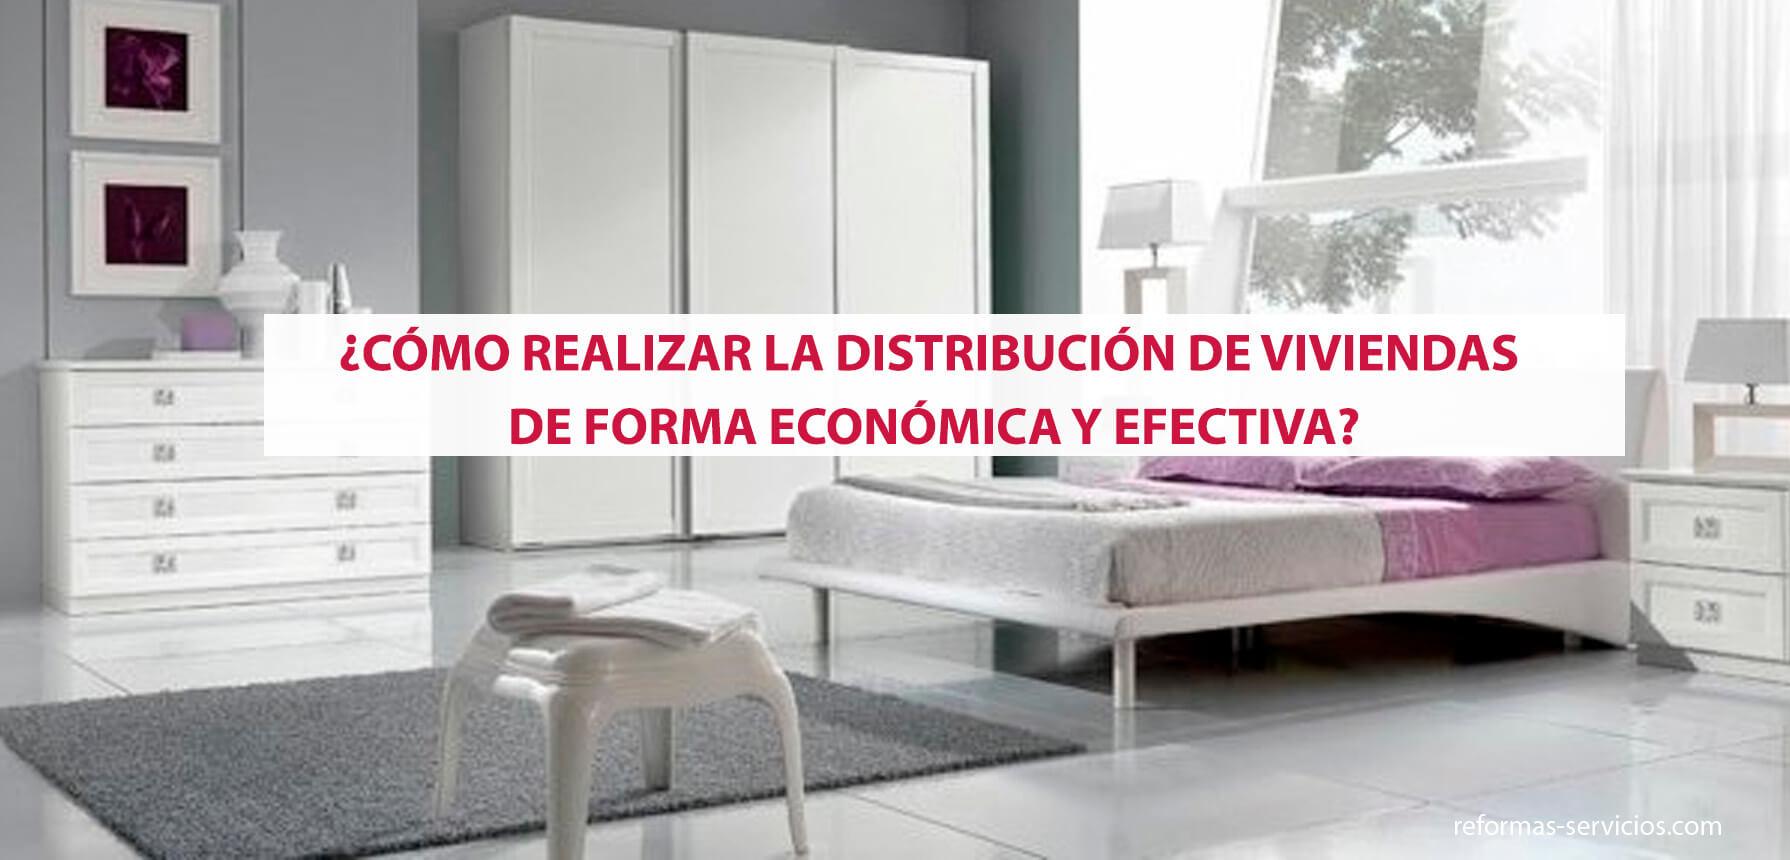 distribución de viviendas